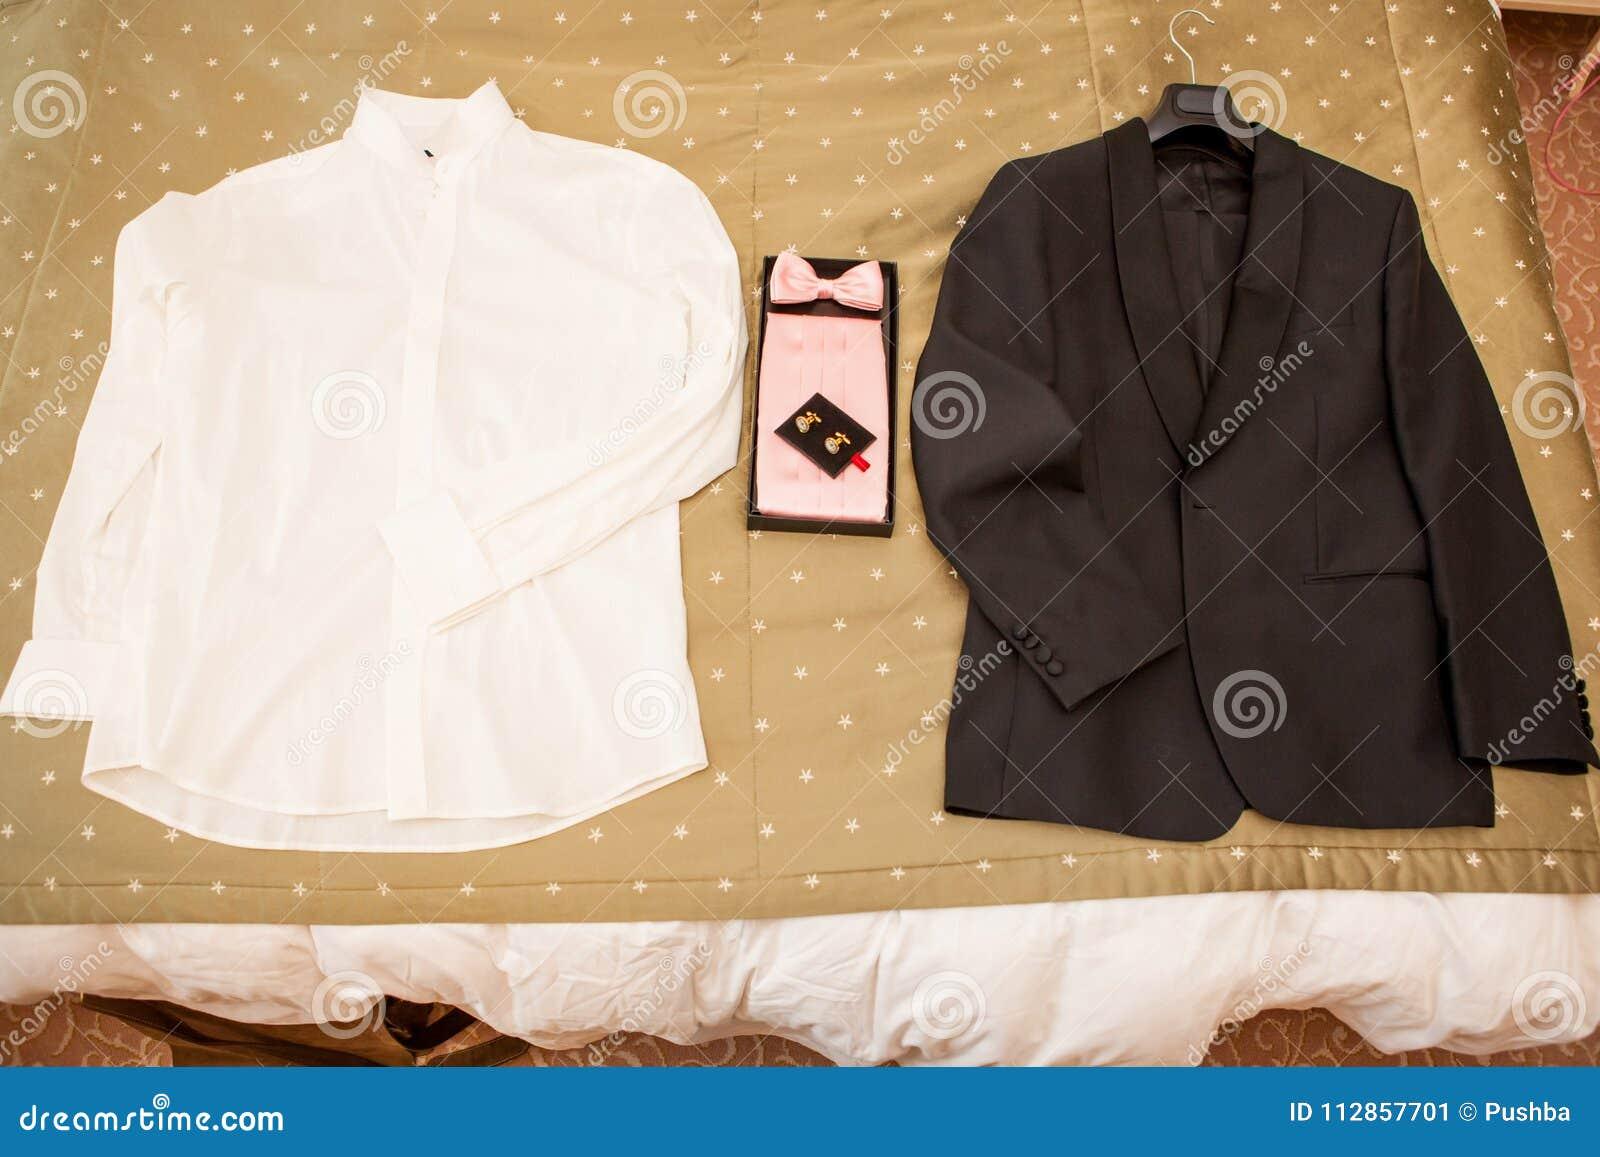 Costume MasculinVeste Noeud Avec Papillon Une Et Noire Un EI9WDH2